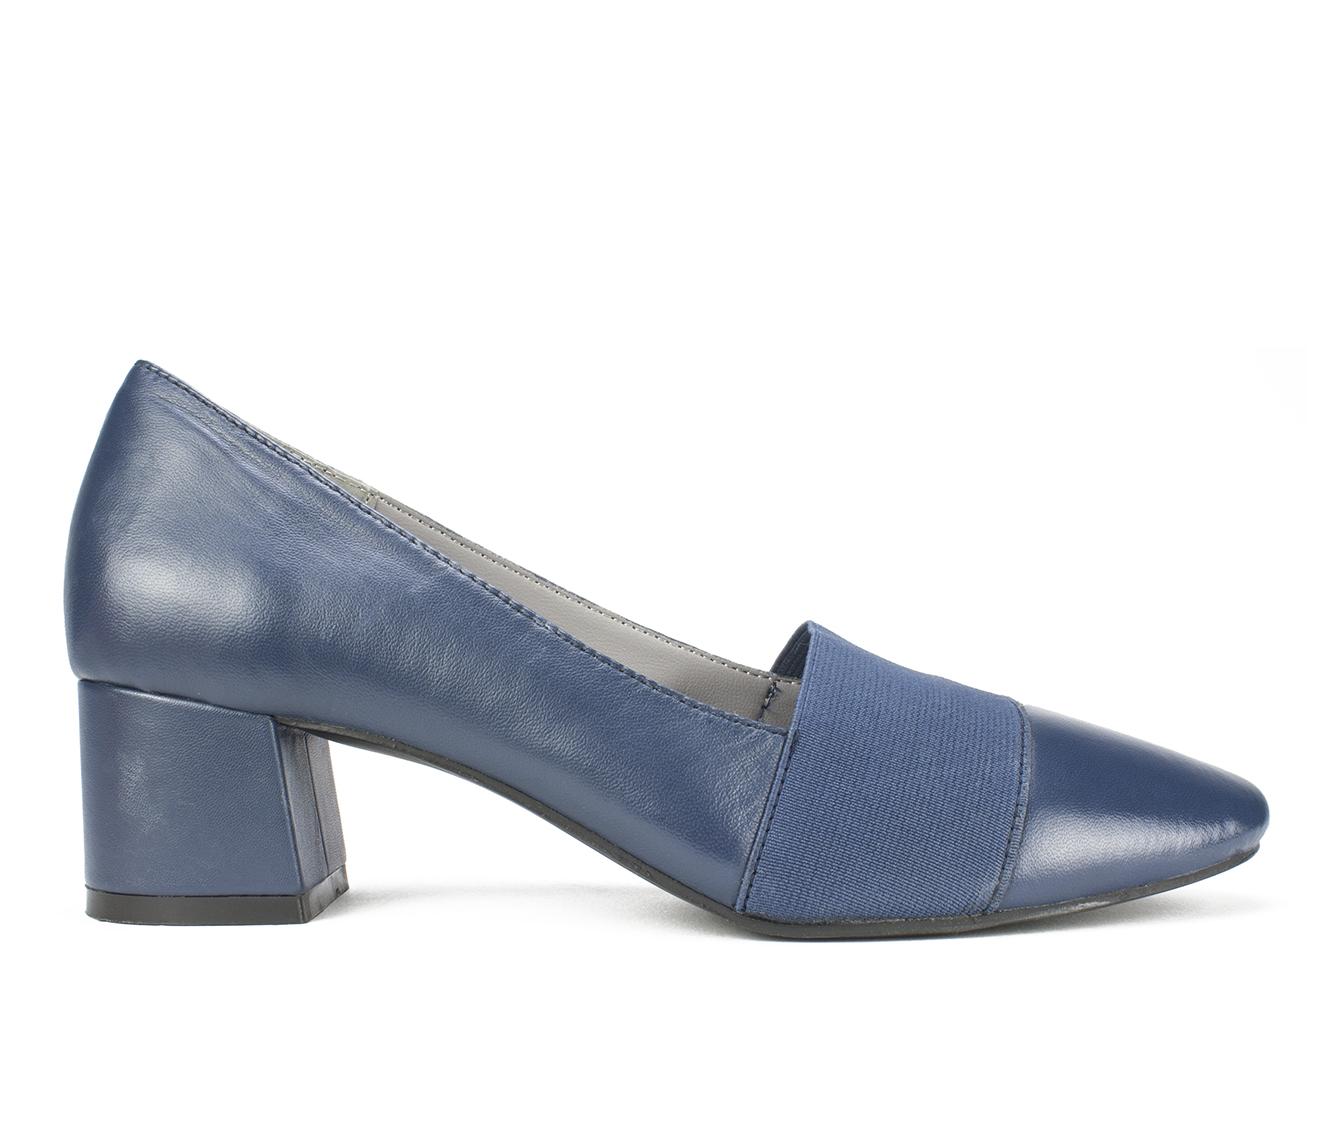 Cliffs Vivian Women's Dress Shoe (Blue Leather)